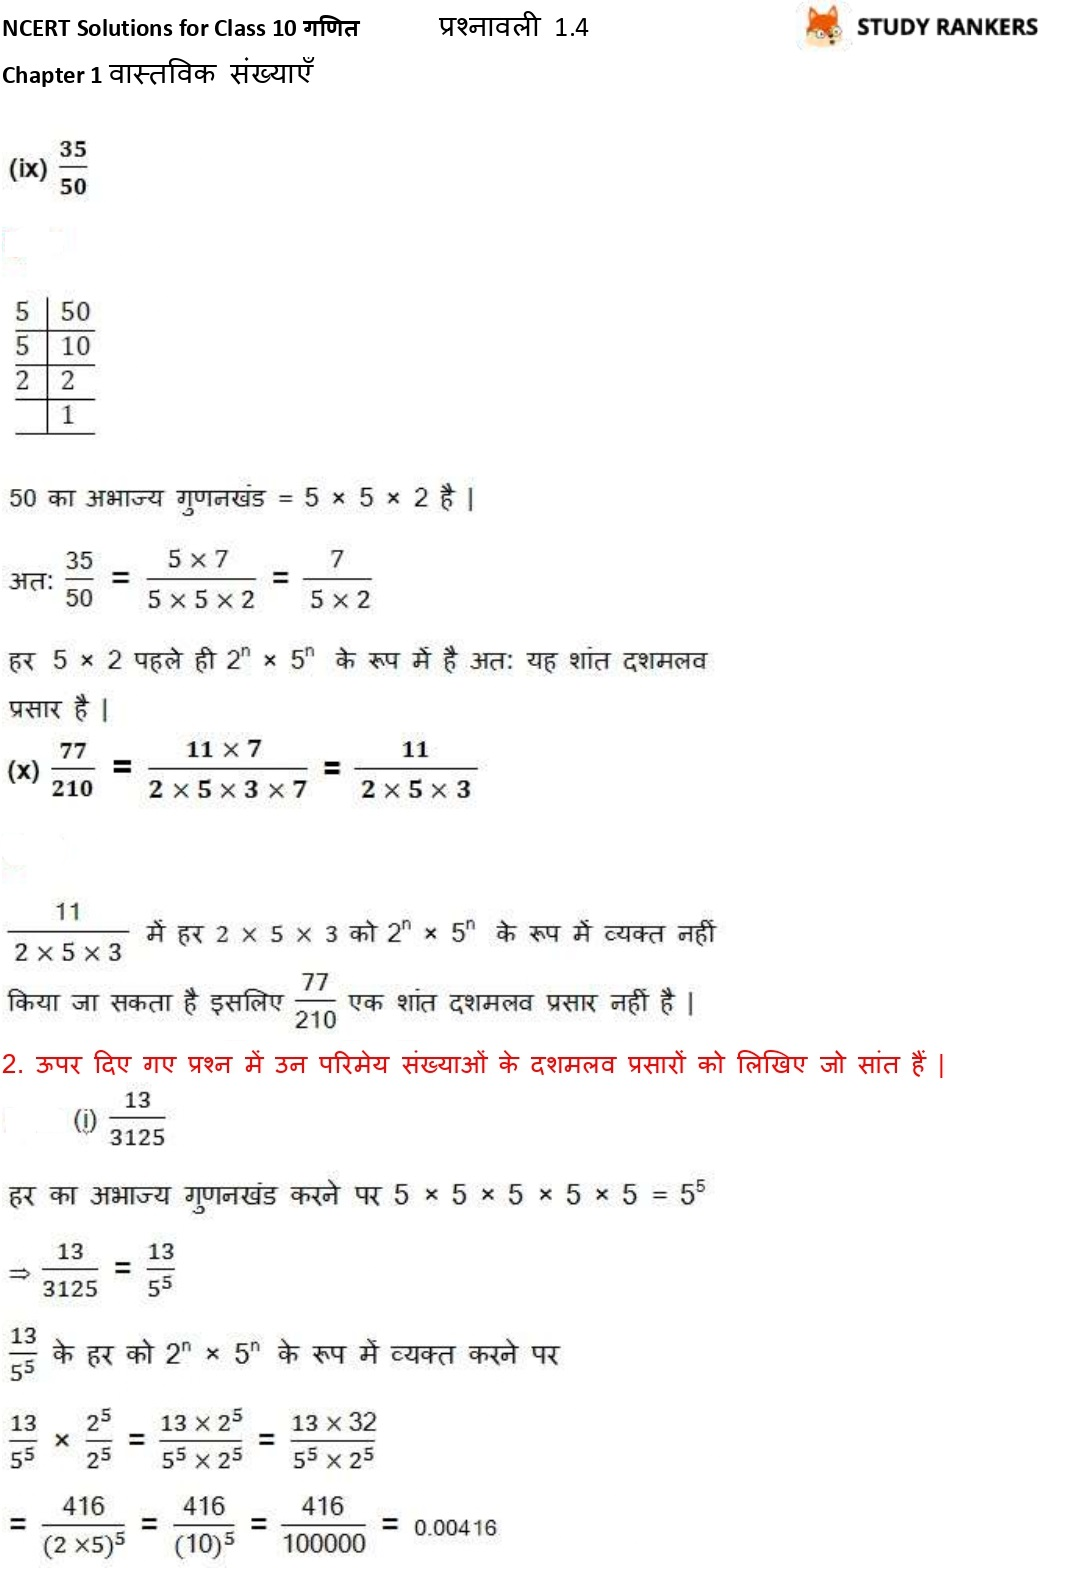 NCERT Solutions for Class 10 Maths Chapter 1 वास्तविक संख्याएँ प्रश्नावली 1.4 Part 3